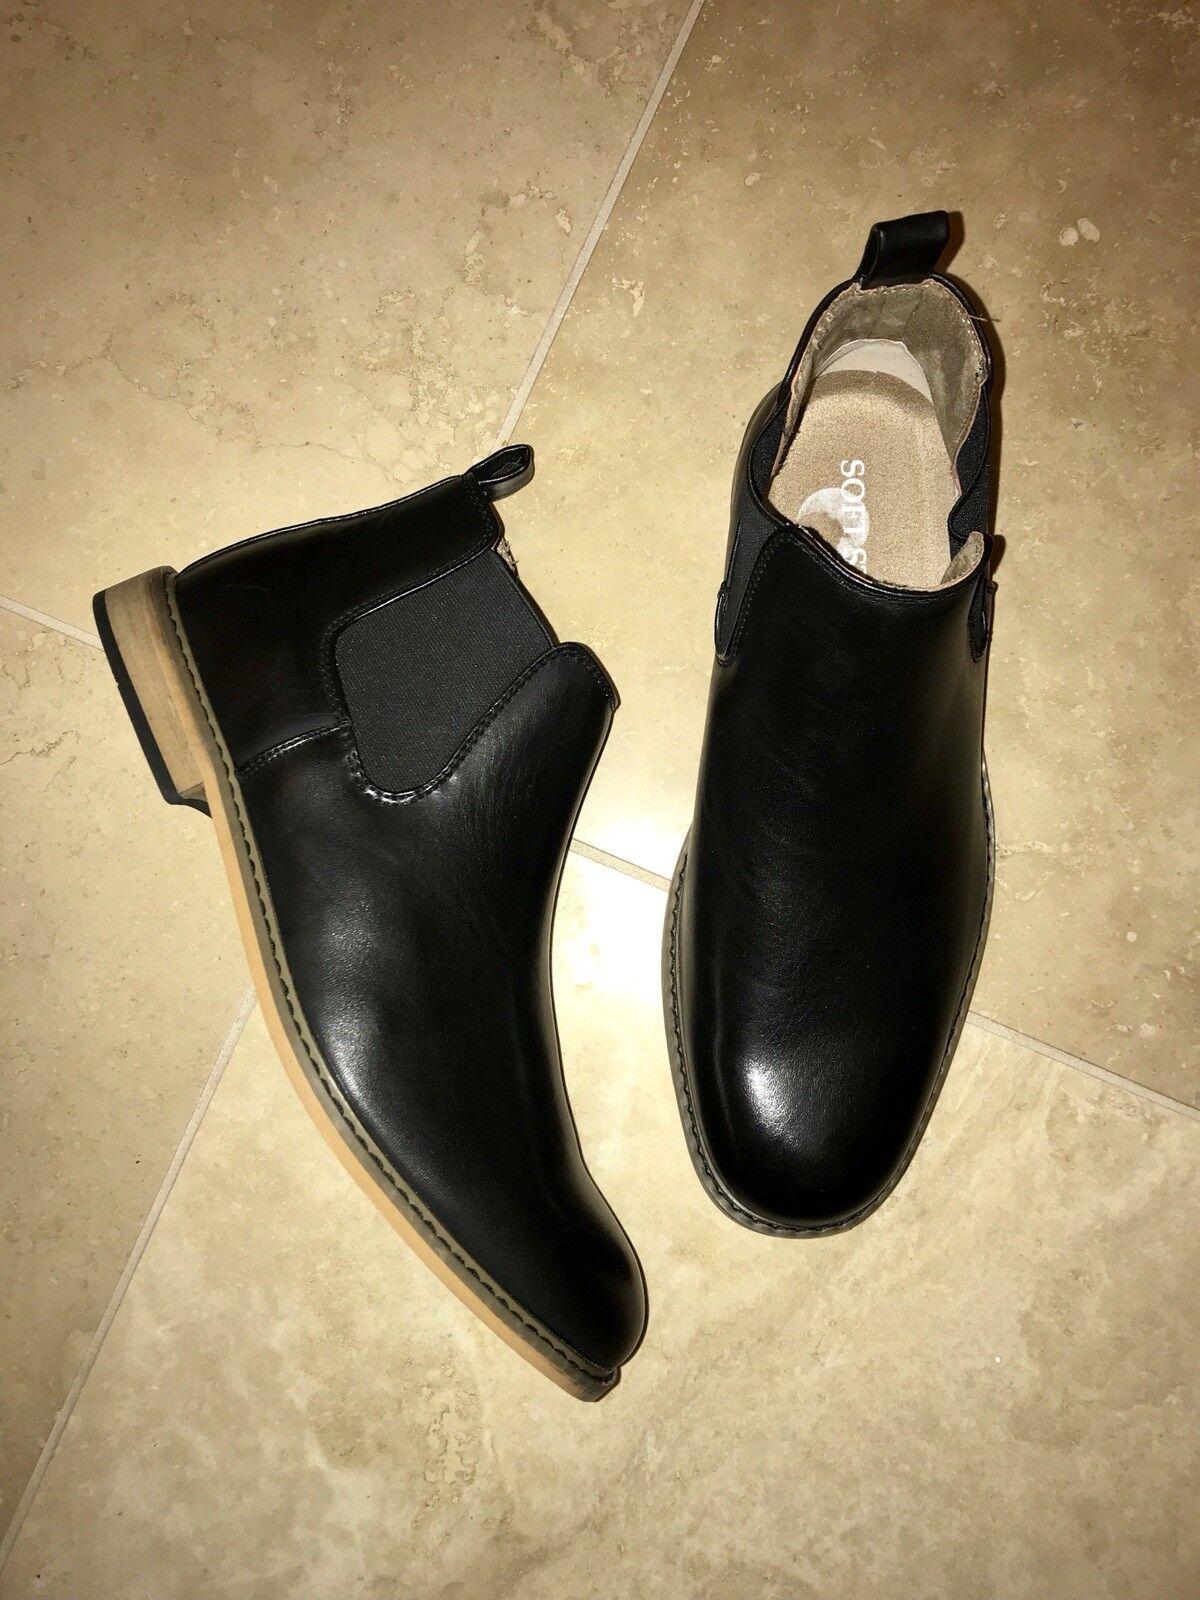 57487d3d868e Brand new SOFT STAGS gorgeous men s men s men s size 8 1 2 black Leather  boots